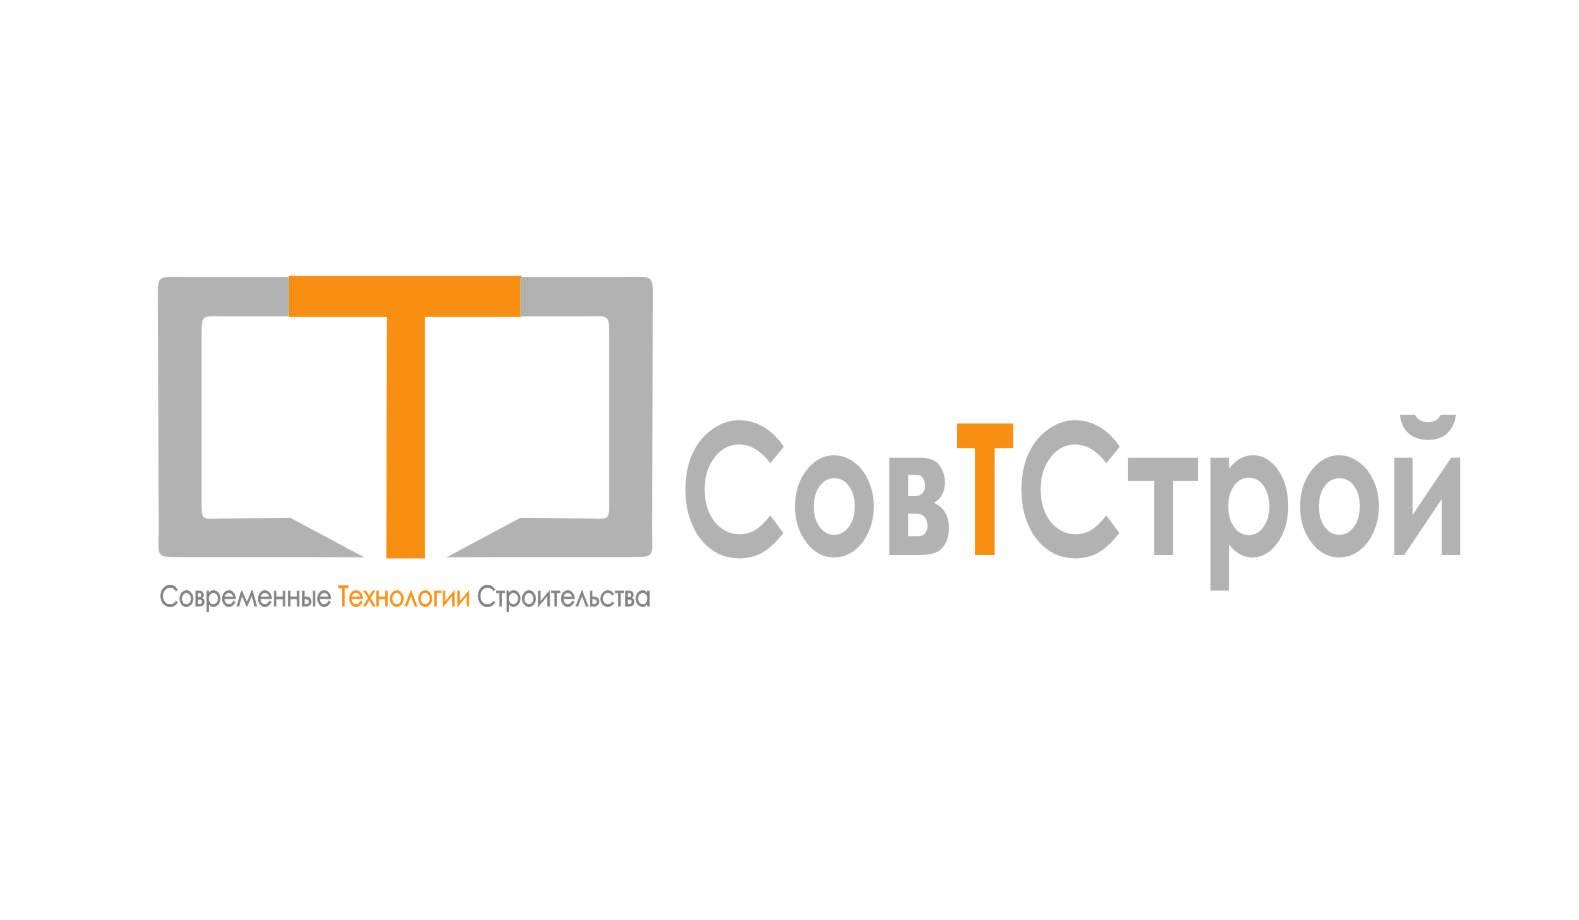 Логотип для поставщика строительных материалов - дизайнер AkmeLEO